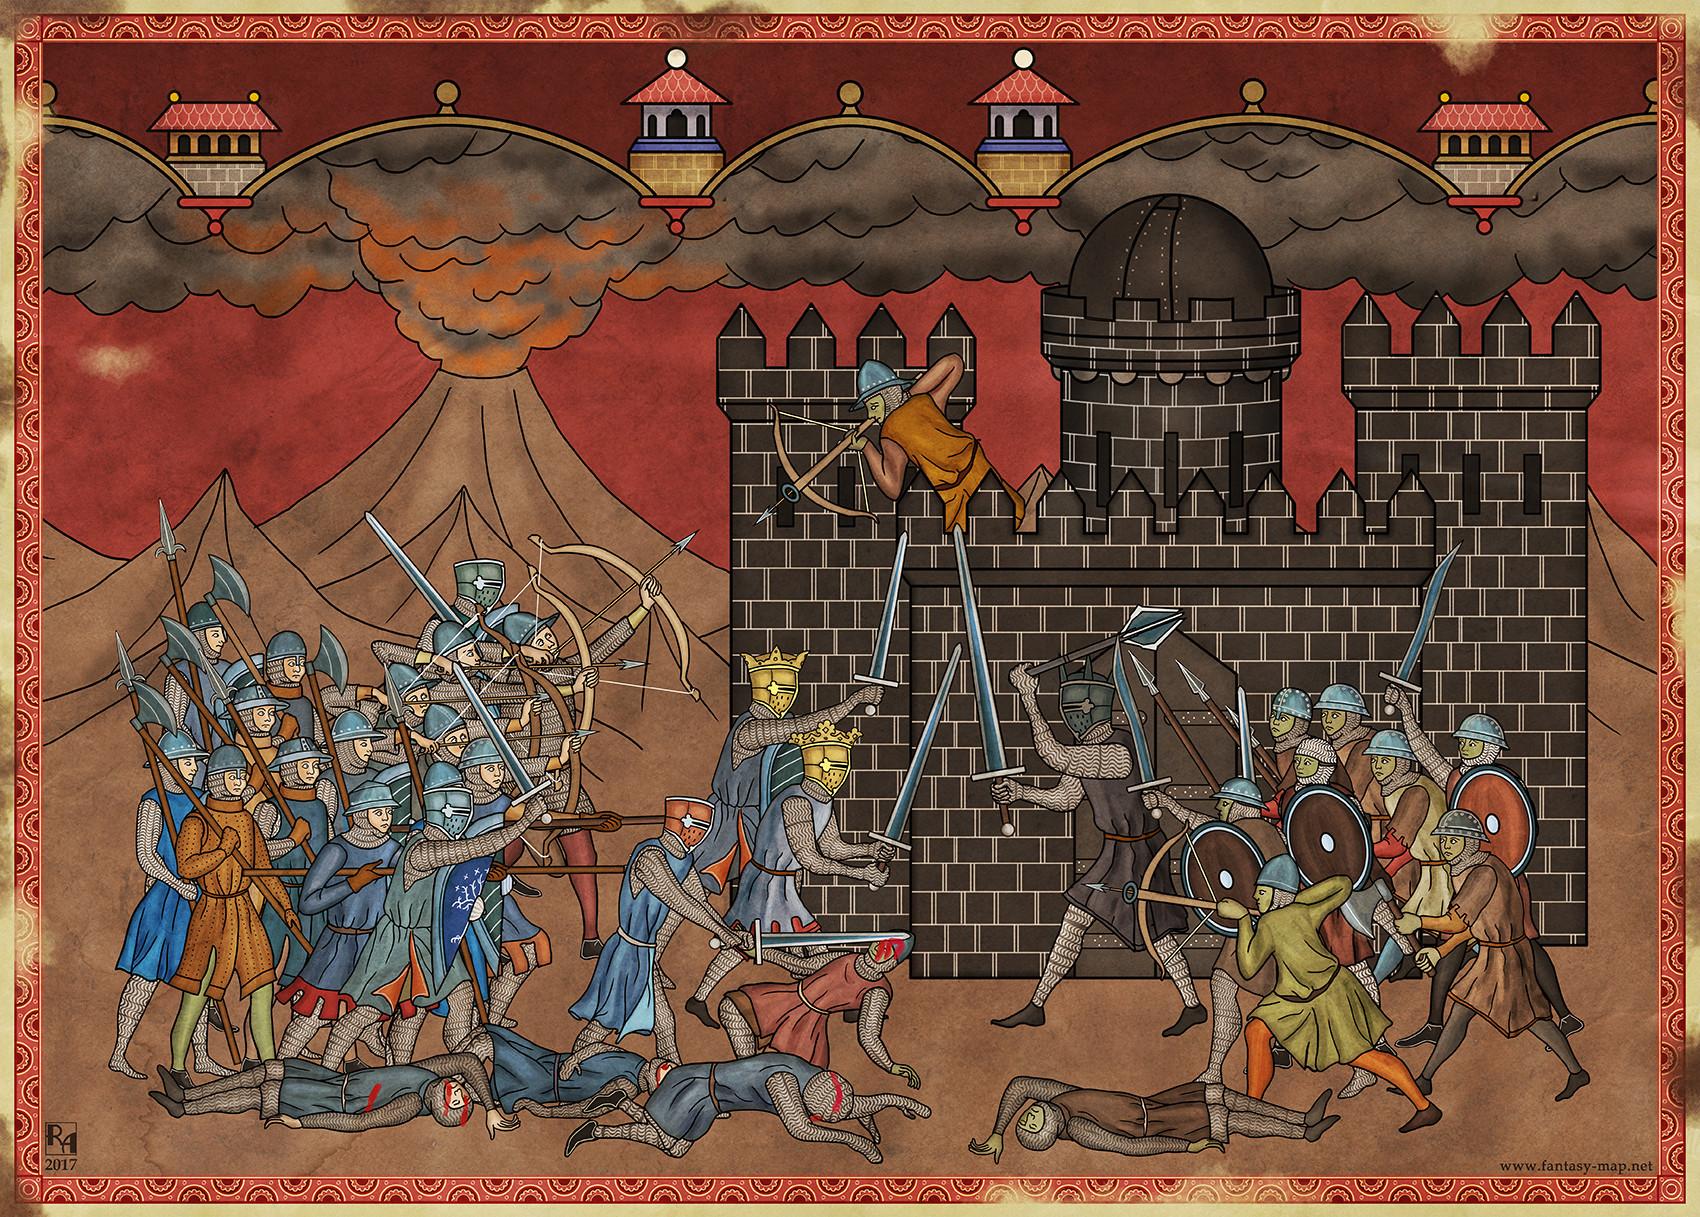 Robert altbauer isildur and elendil fighting sauron